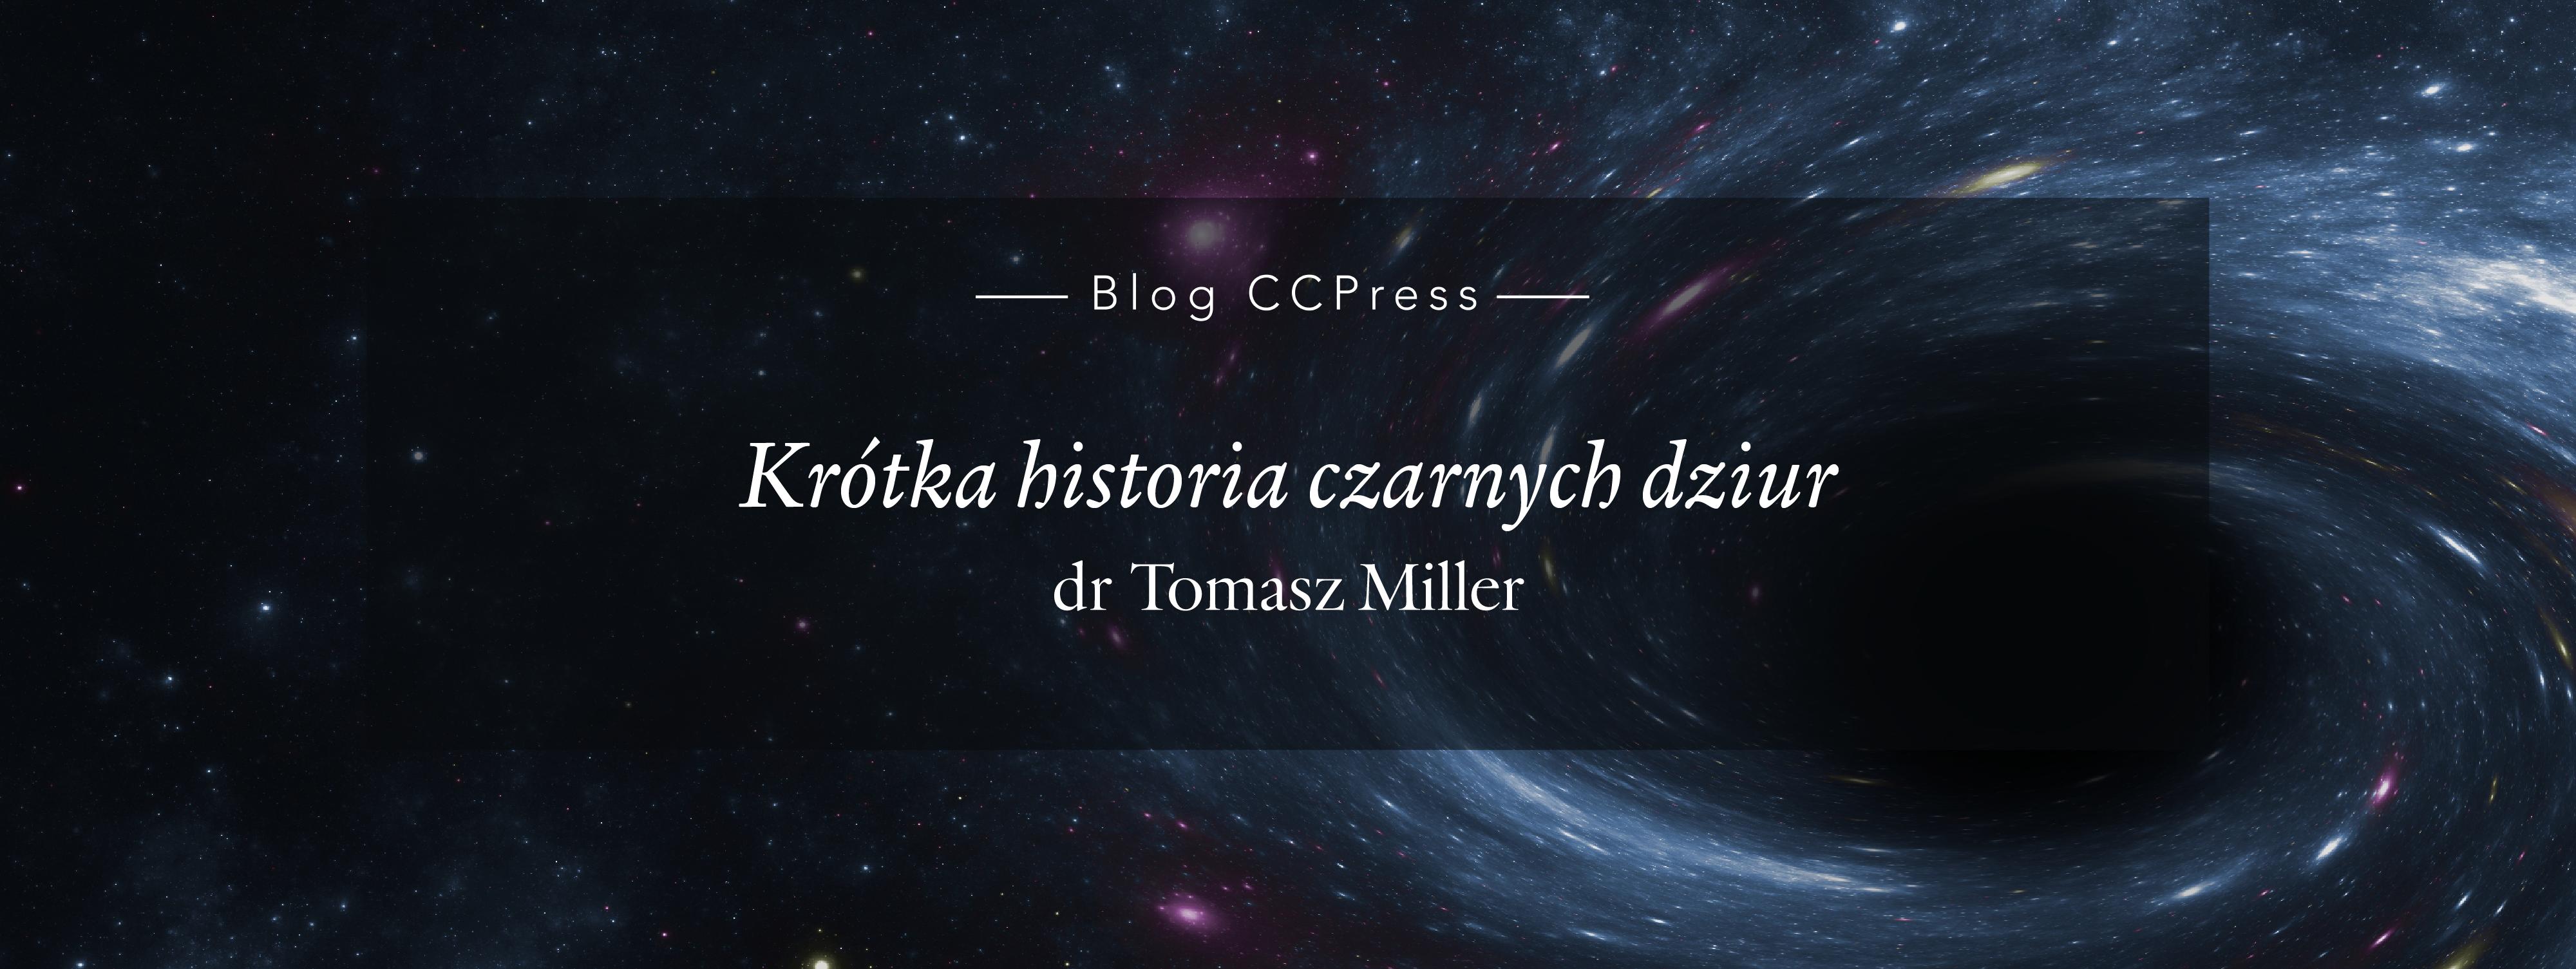 Krótka historia czarnych dziur